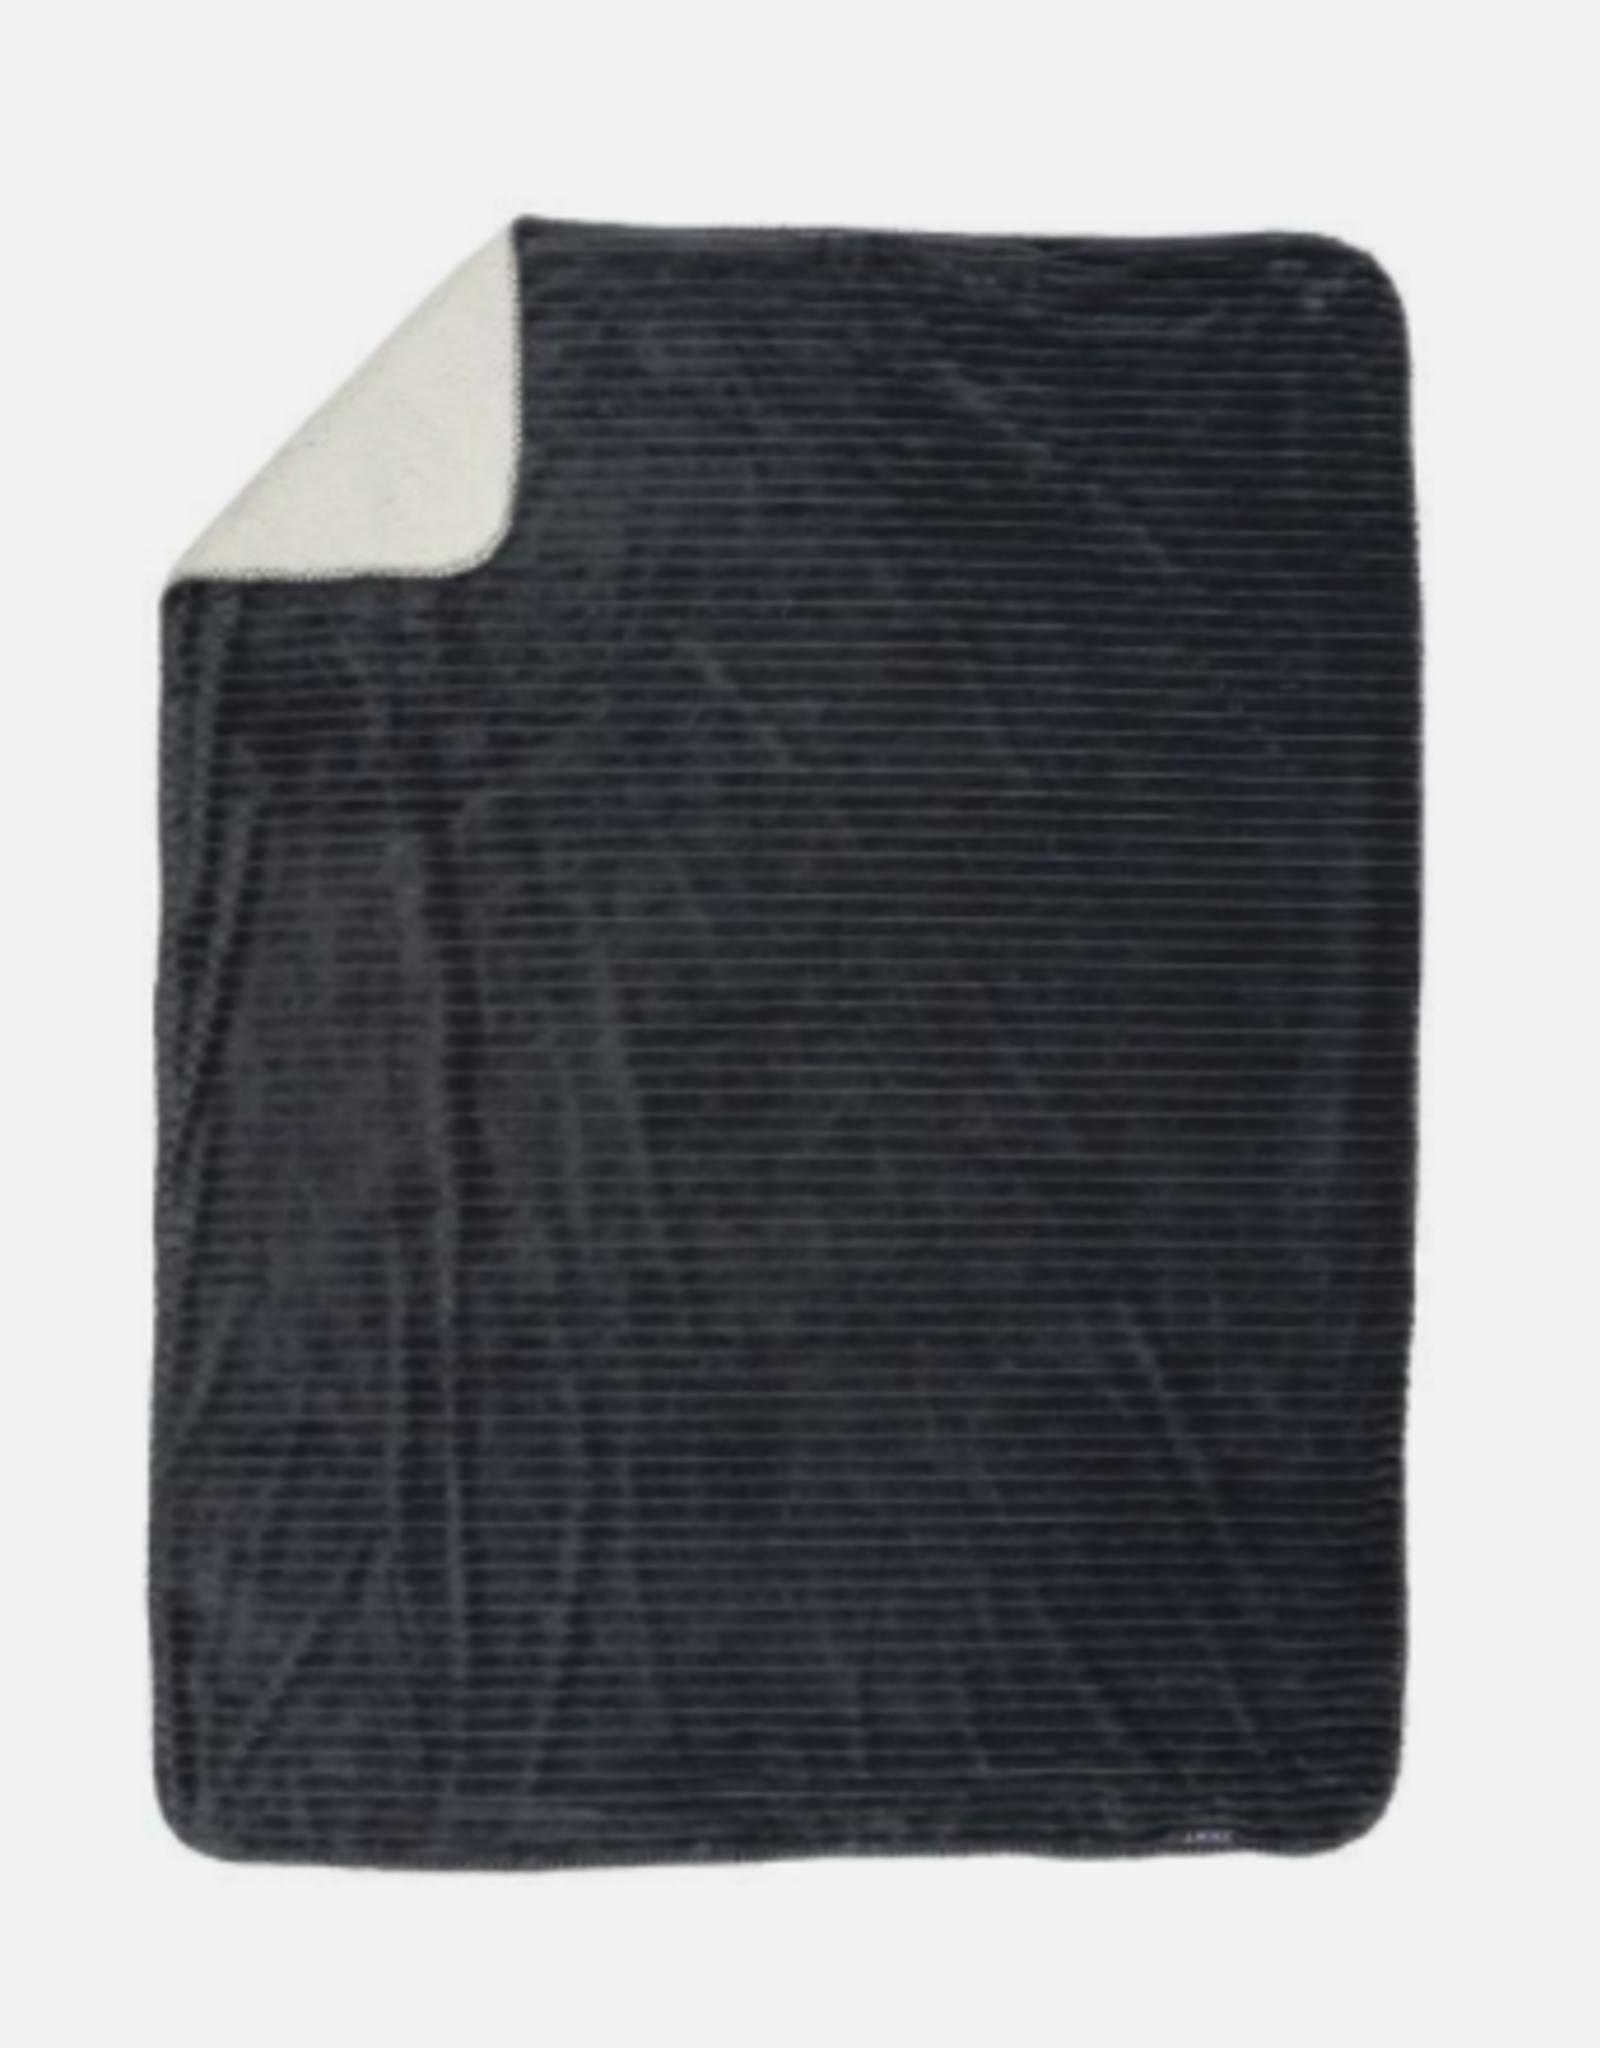 Zest Plaid super soft - Donker grijs